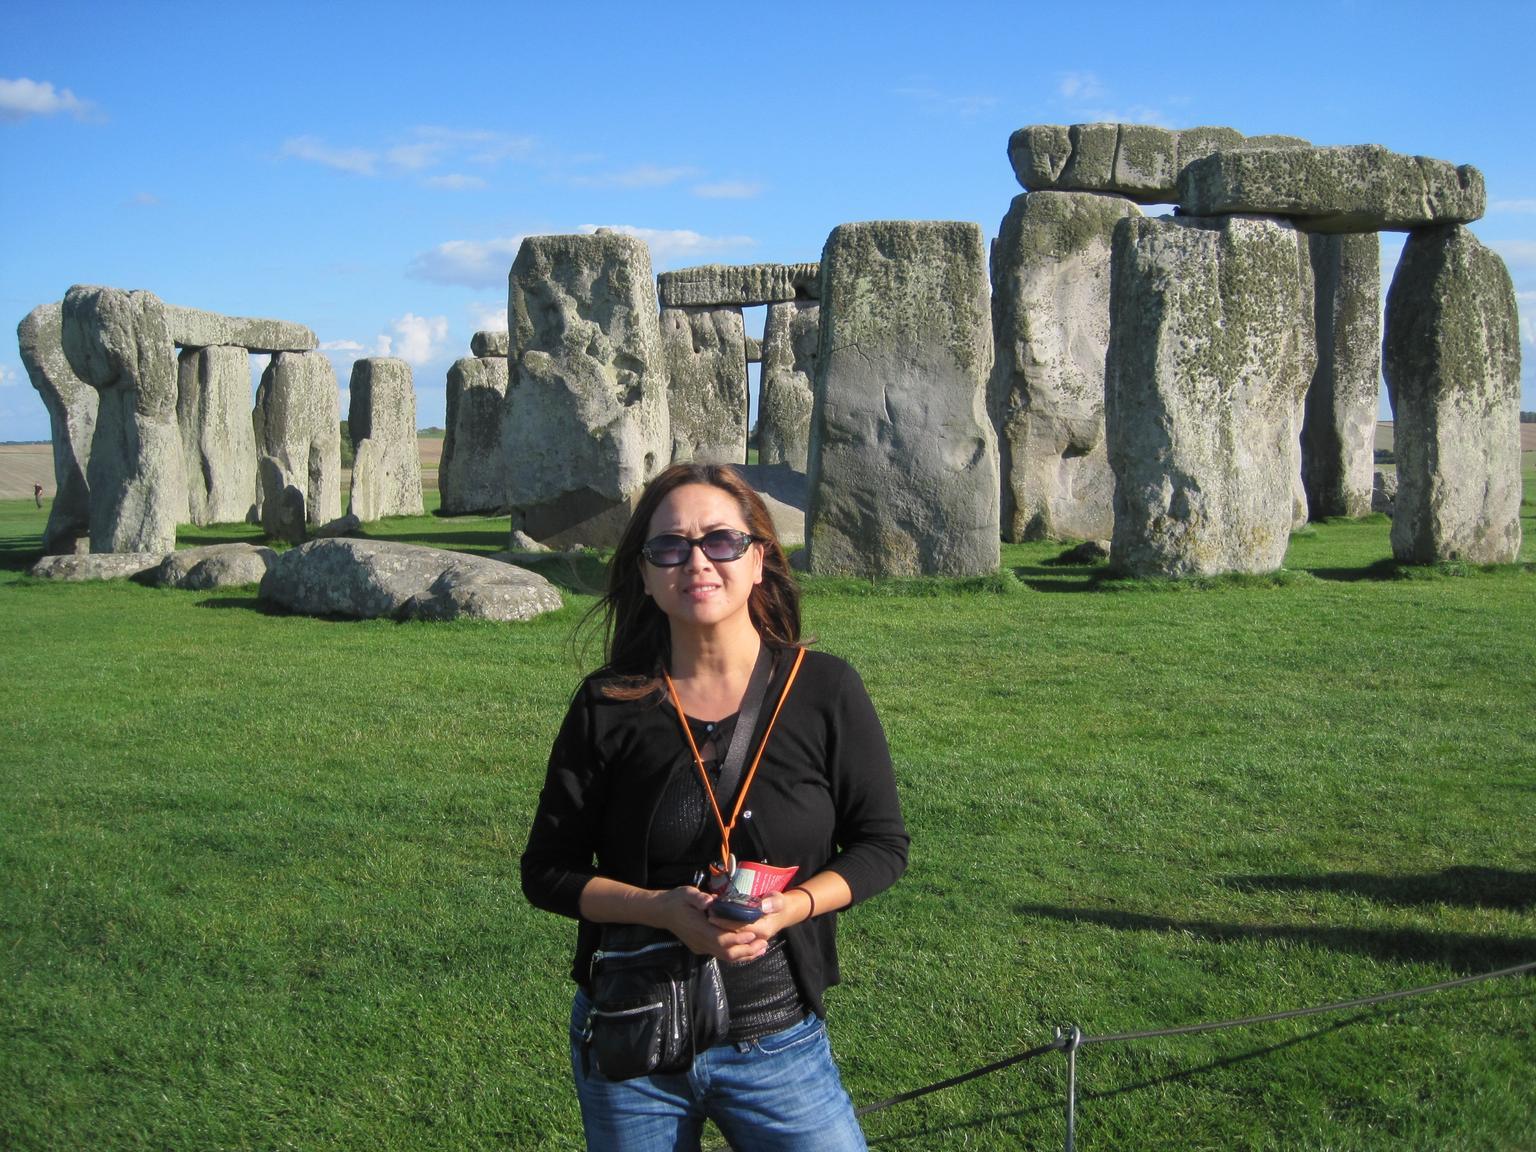 MÁS FOTOS, Excursión a Stonehenge, Castillo de Windsor y Bath desde Londres. Todos los dias